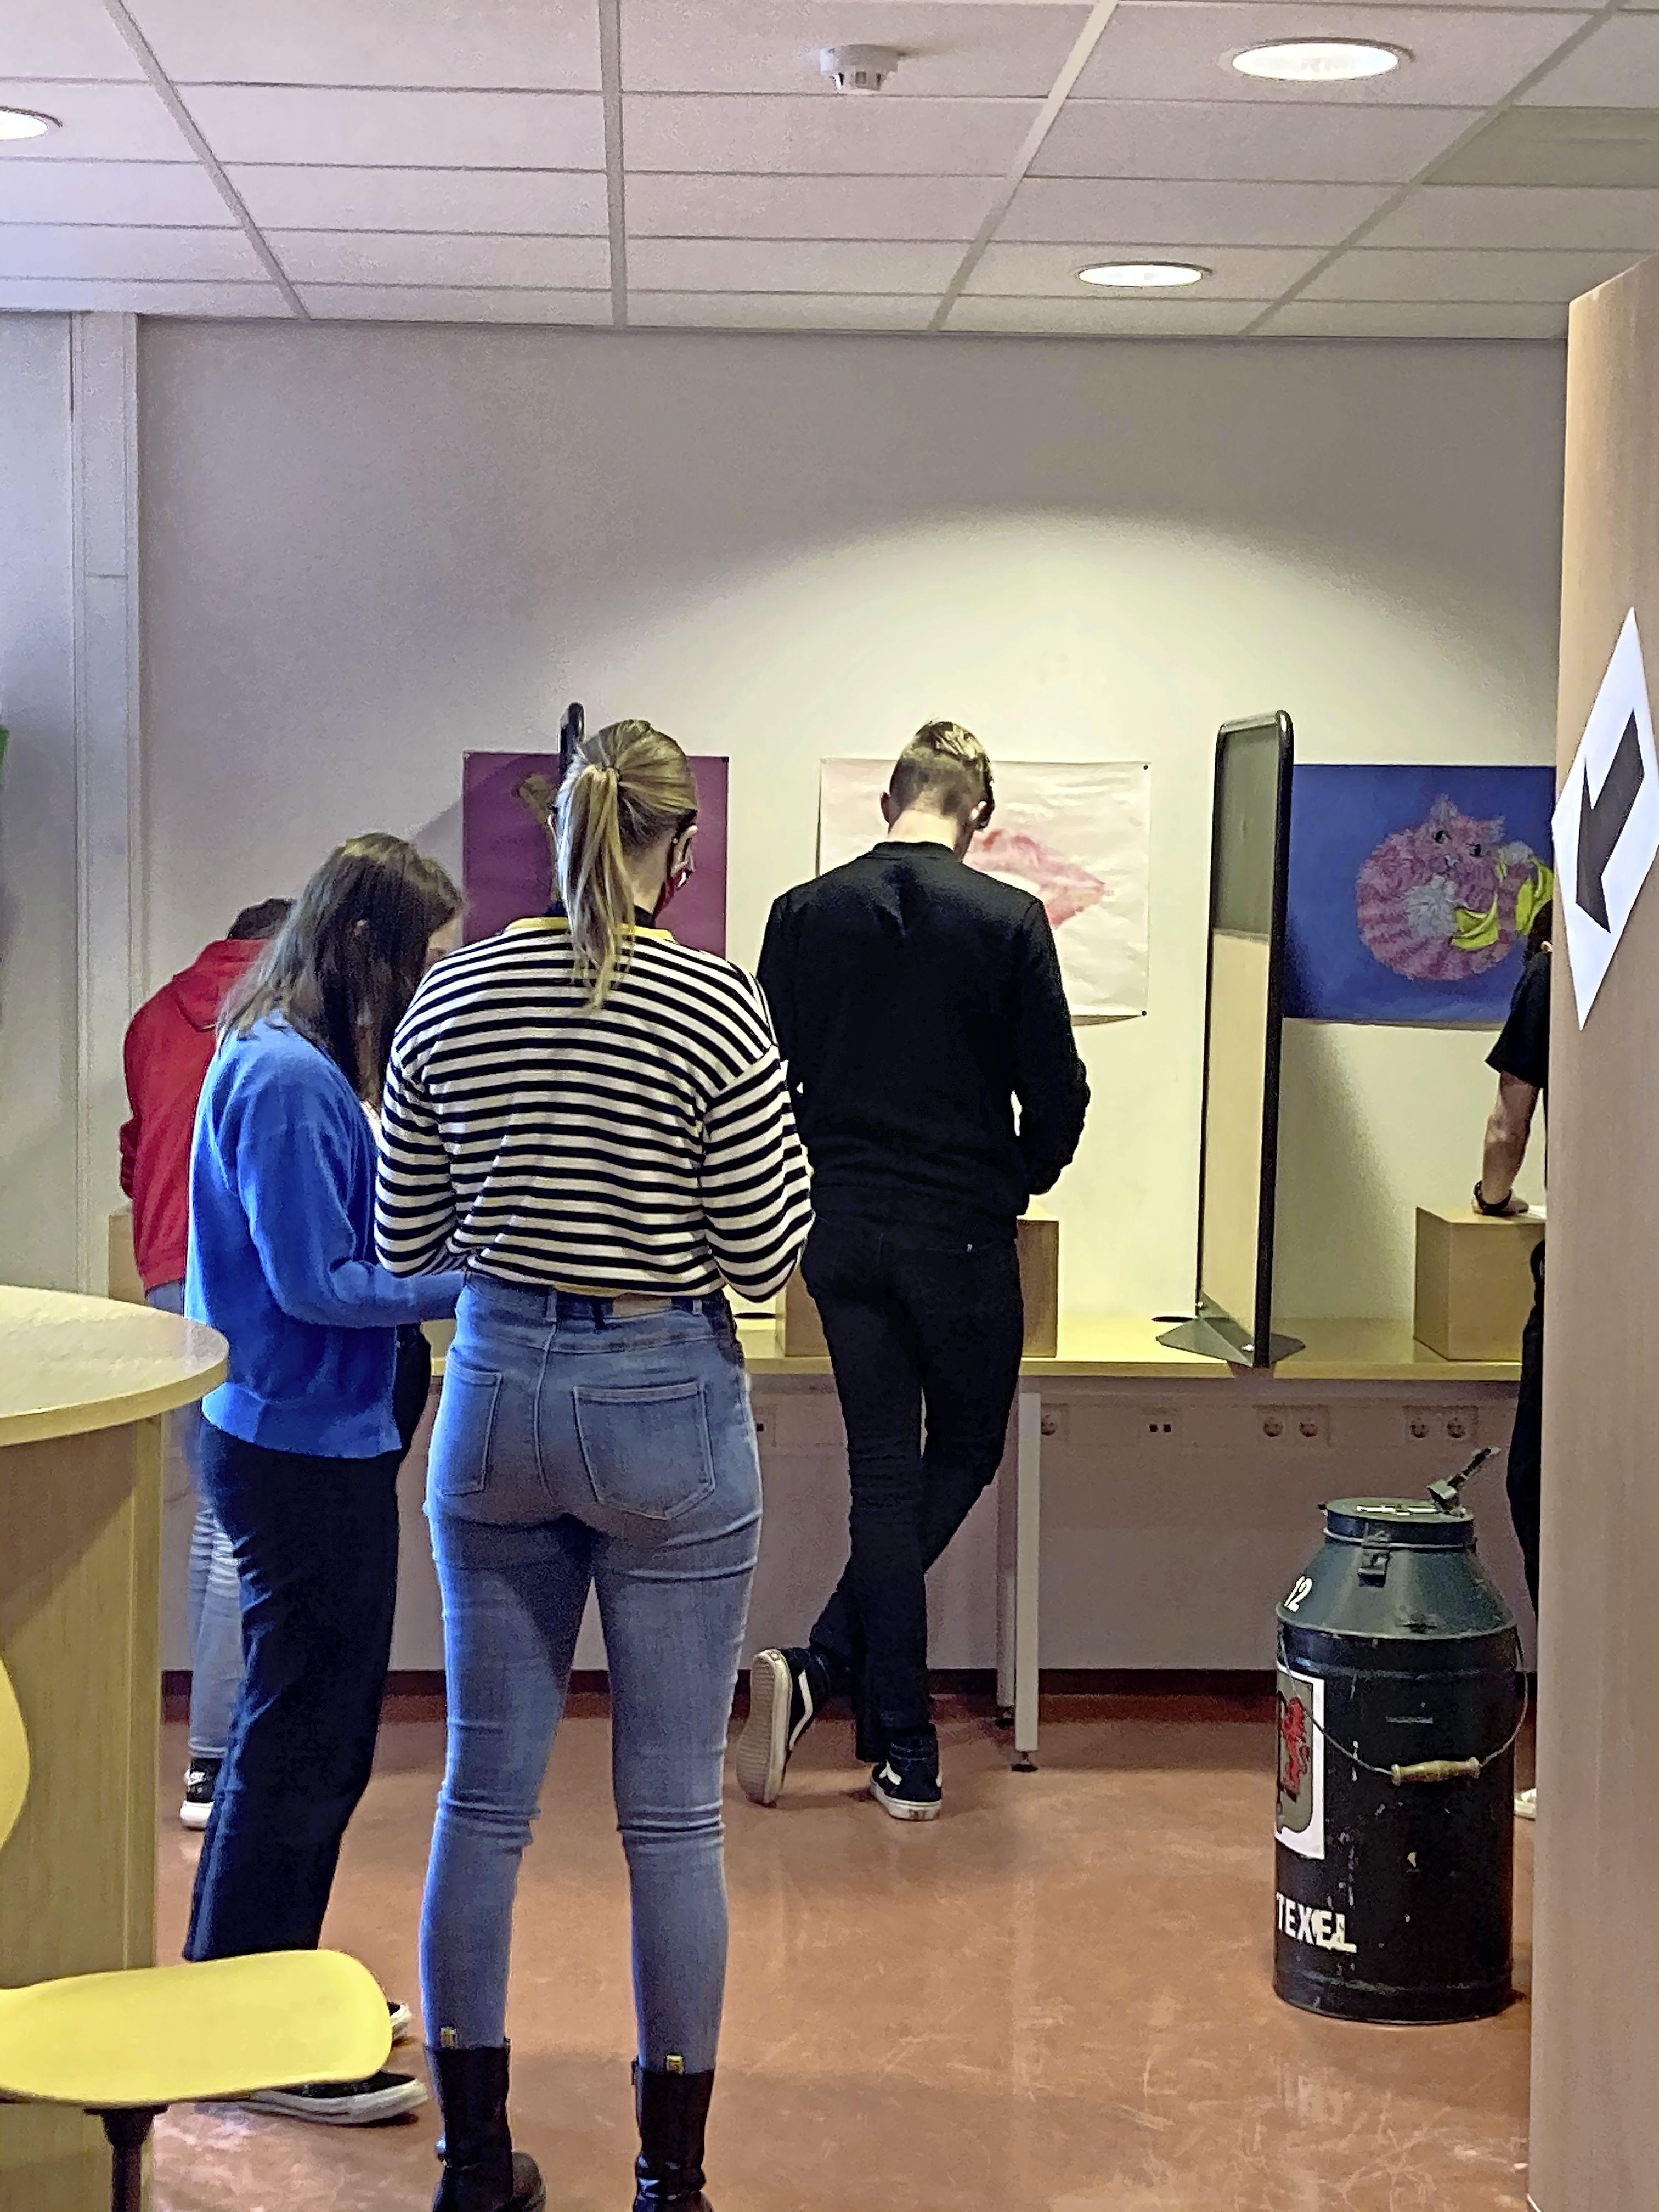 VVD en GroenLinks grote winnaars bij scholierenverkiezingen op Texel. Opmerkelijk: meer stemmen voor 50PLUS dan voor JONG